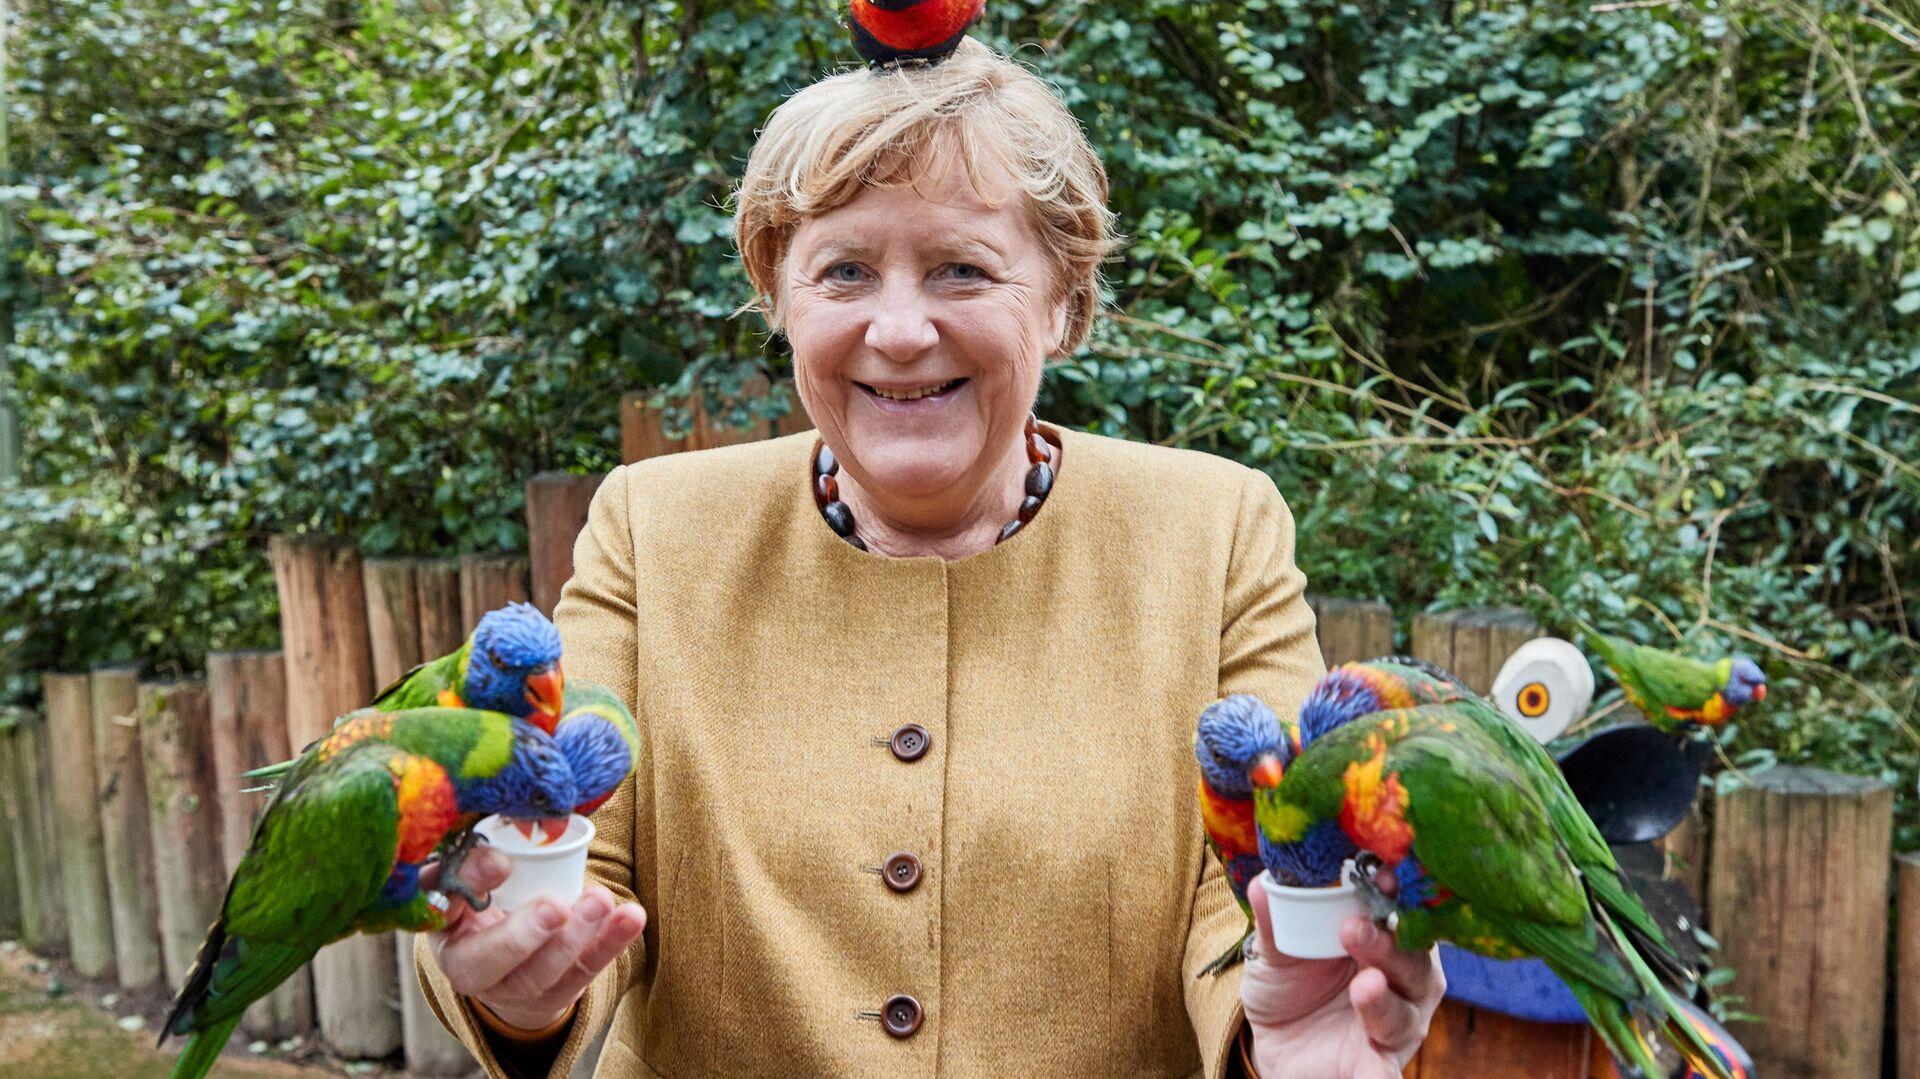 Канцлер Германии Ангела Меркель в Парке птиц в Марлоу - Sputnik Italia, 1920, 25.09.2021